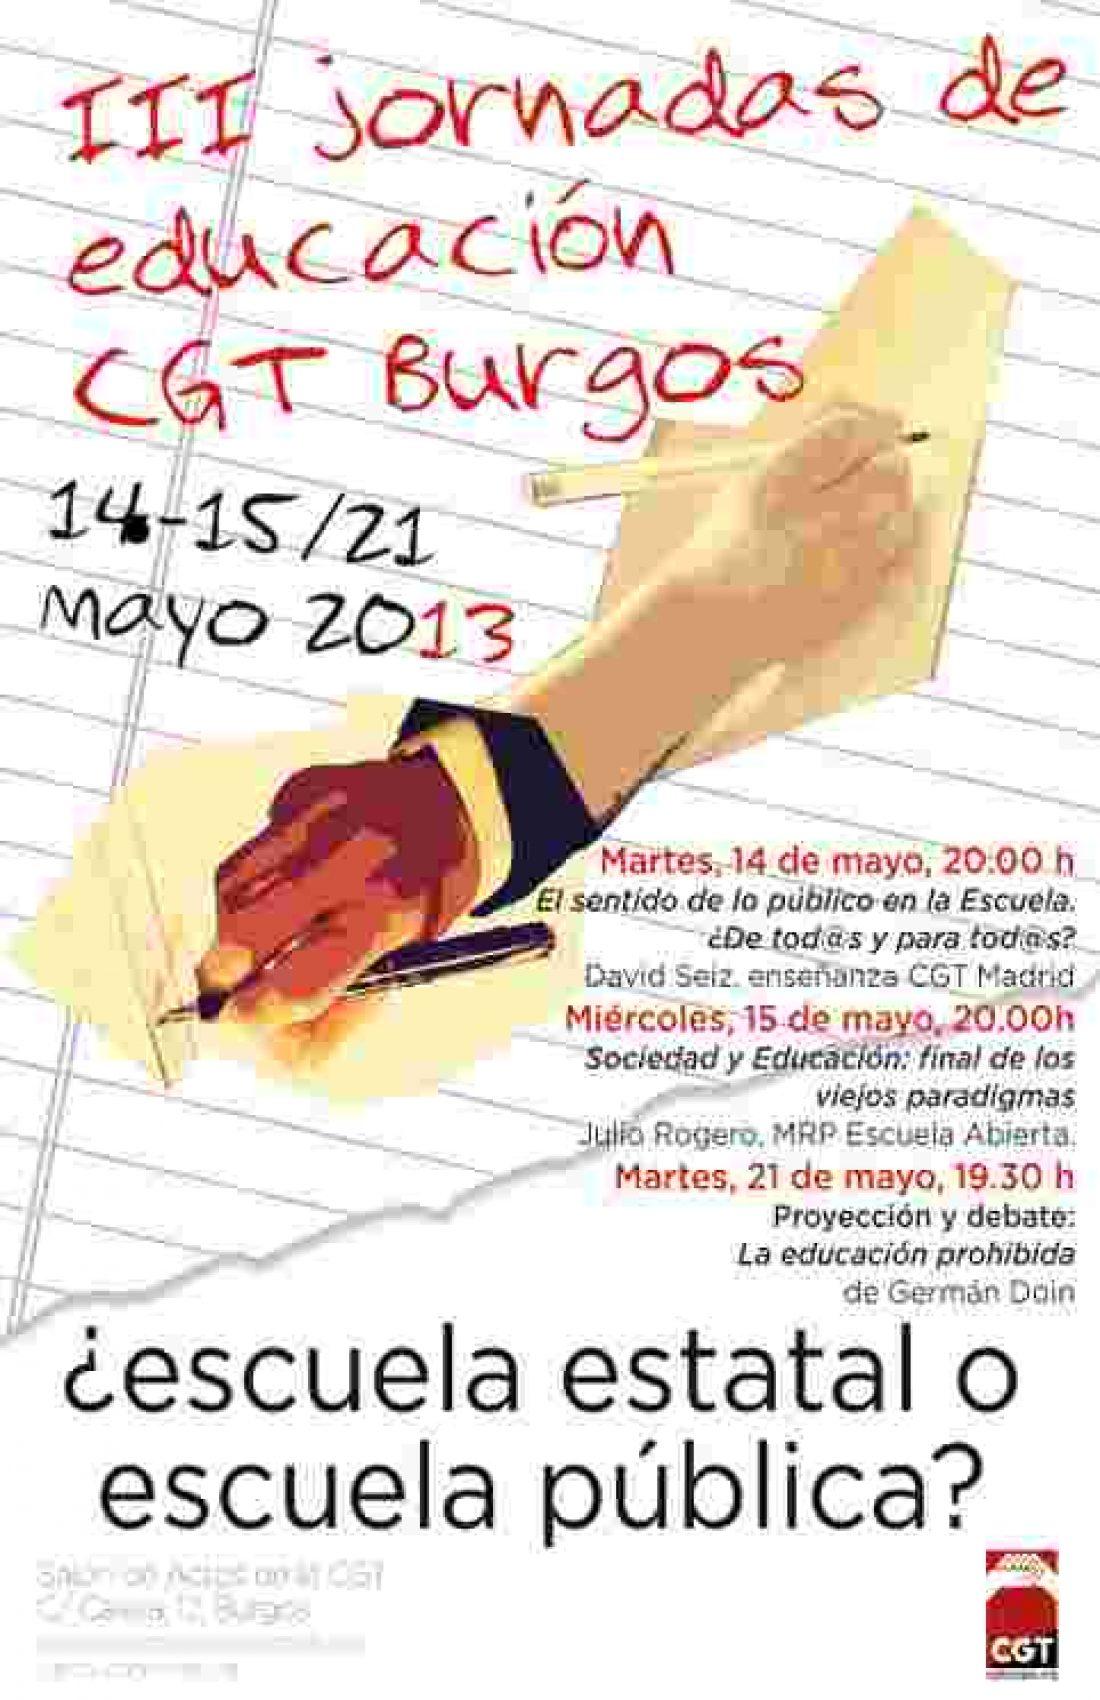 III jornadas de educación CGT Burgos